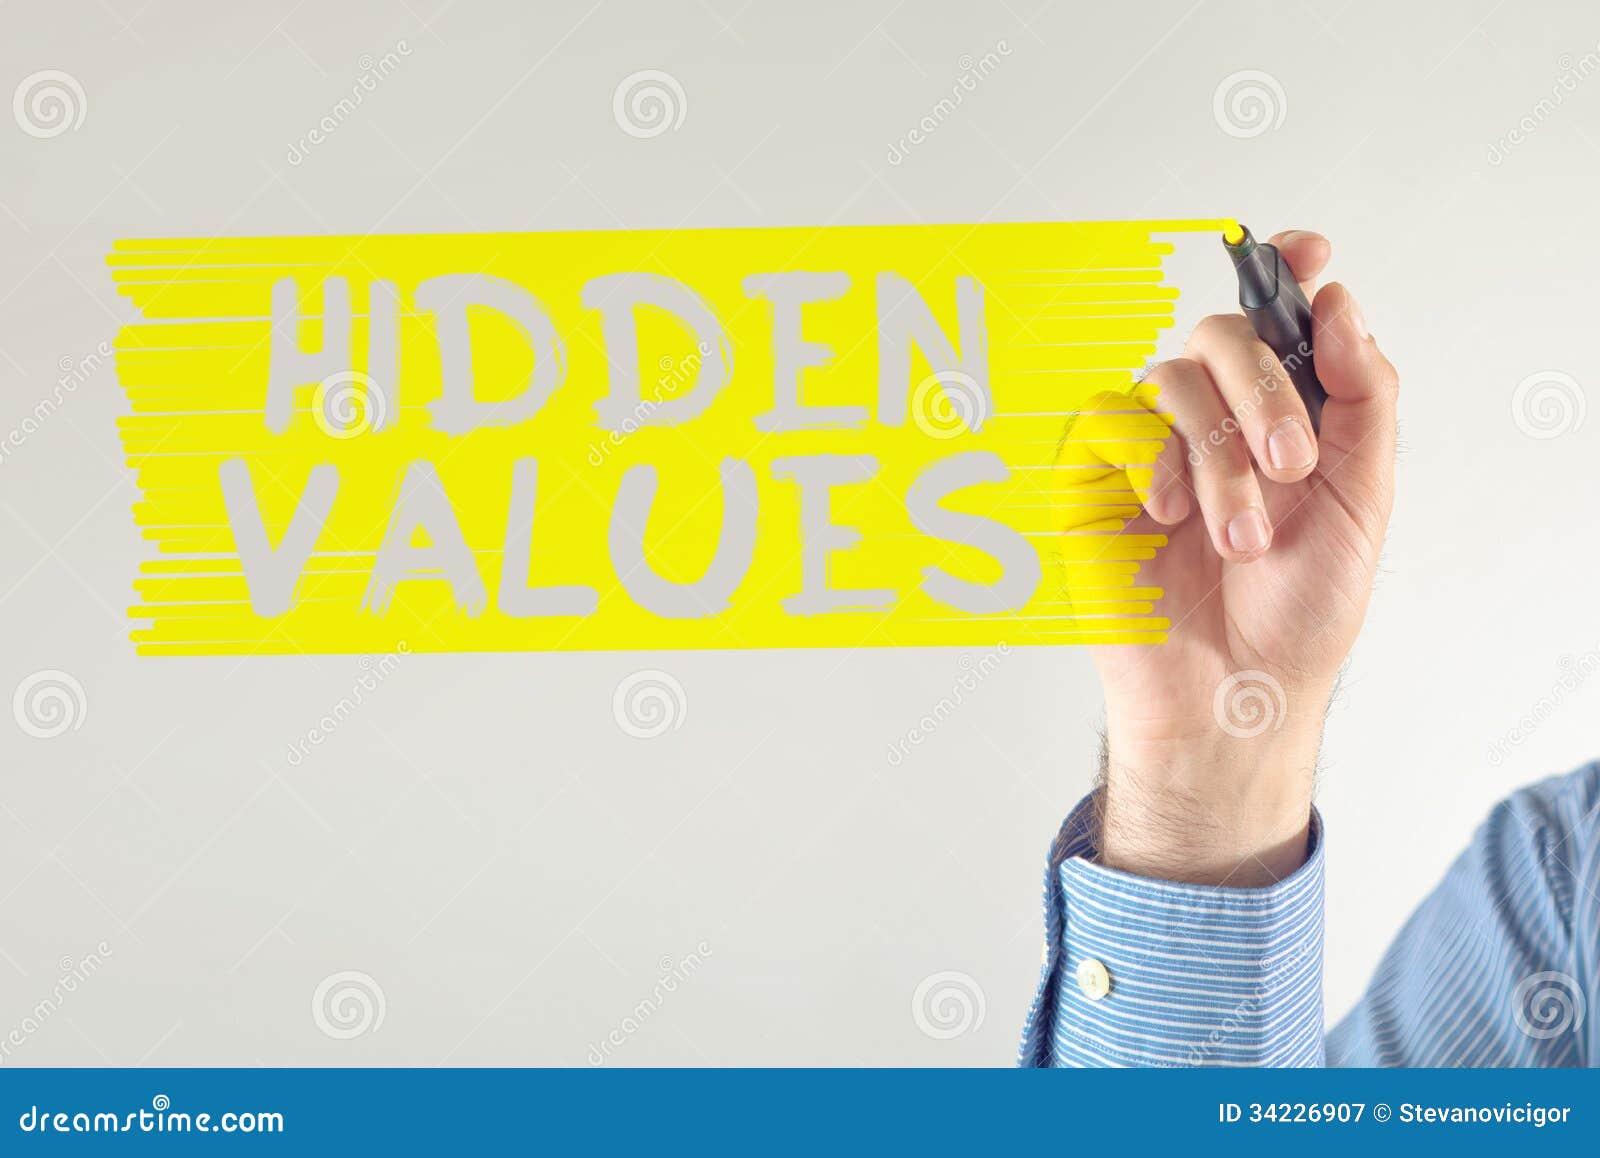 Chowane wartości